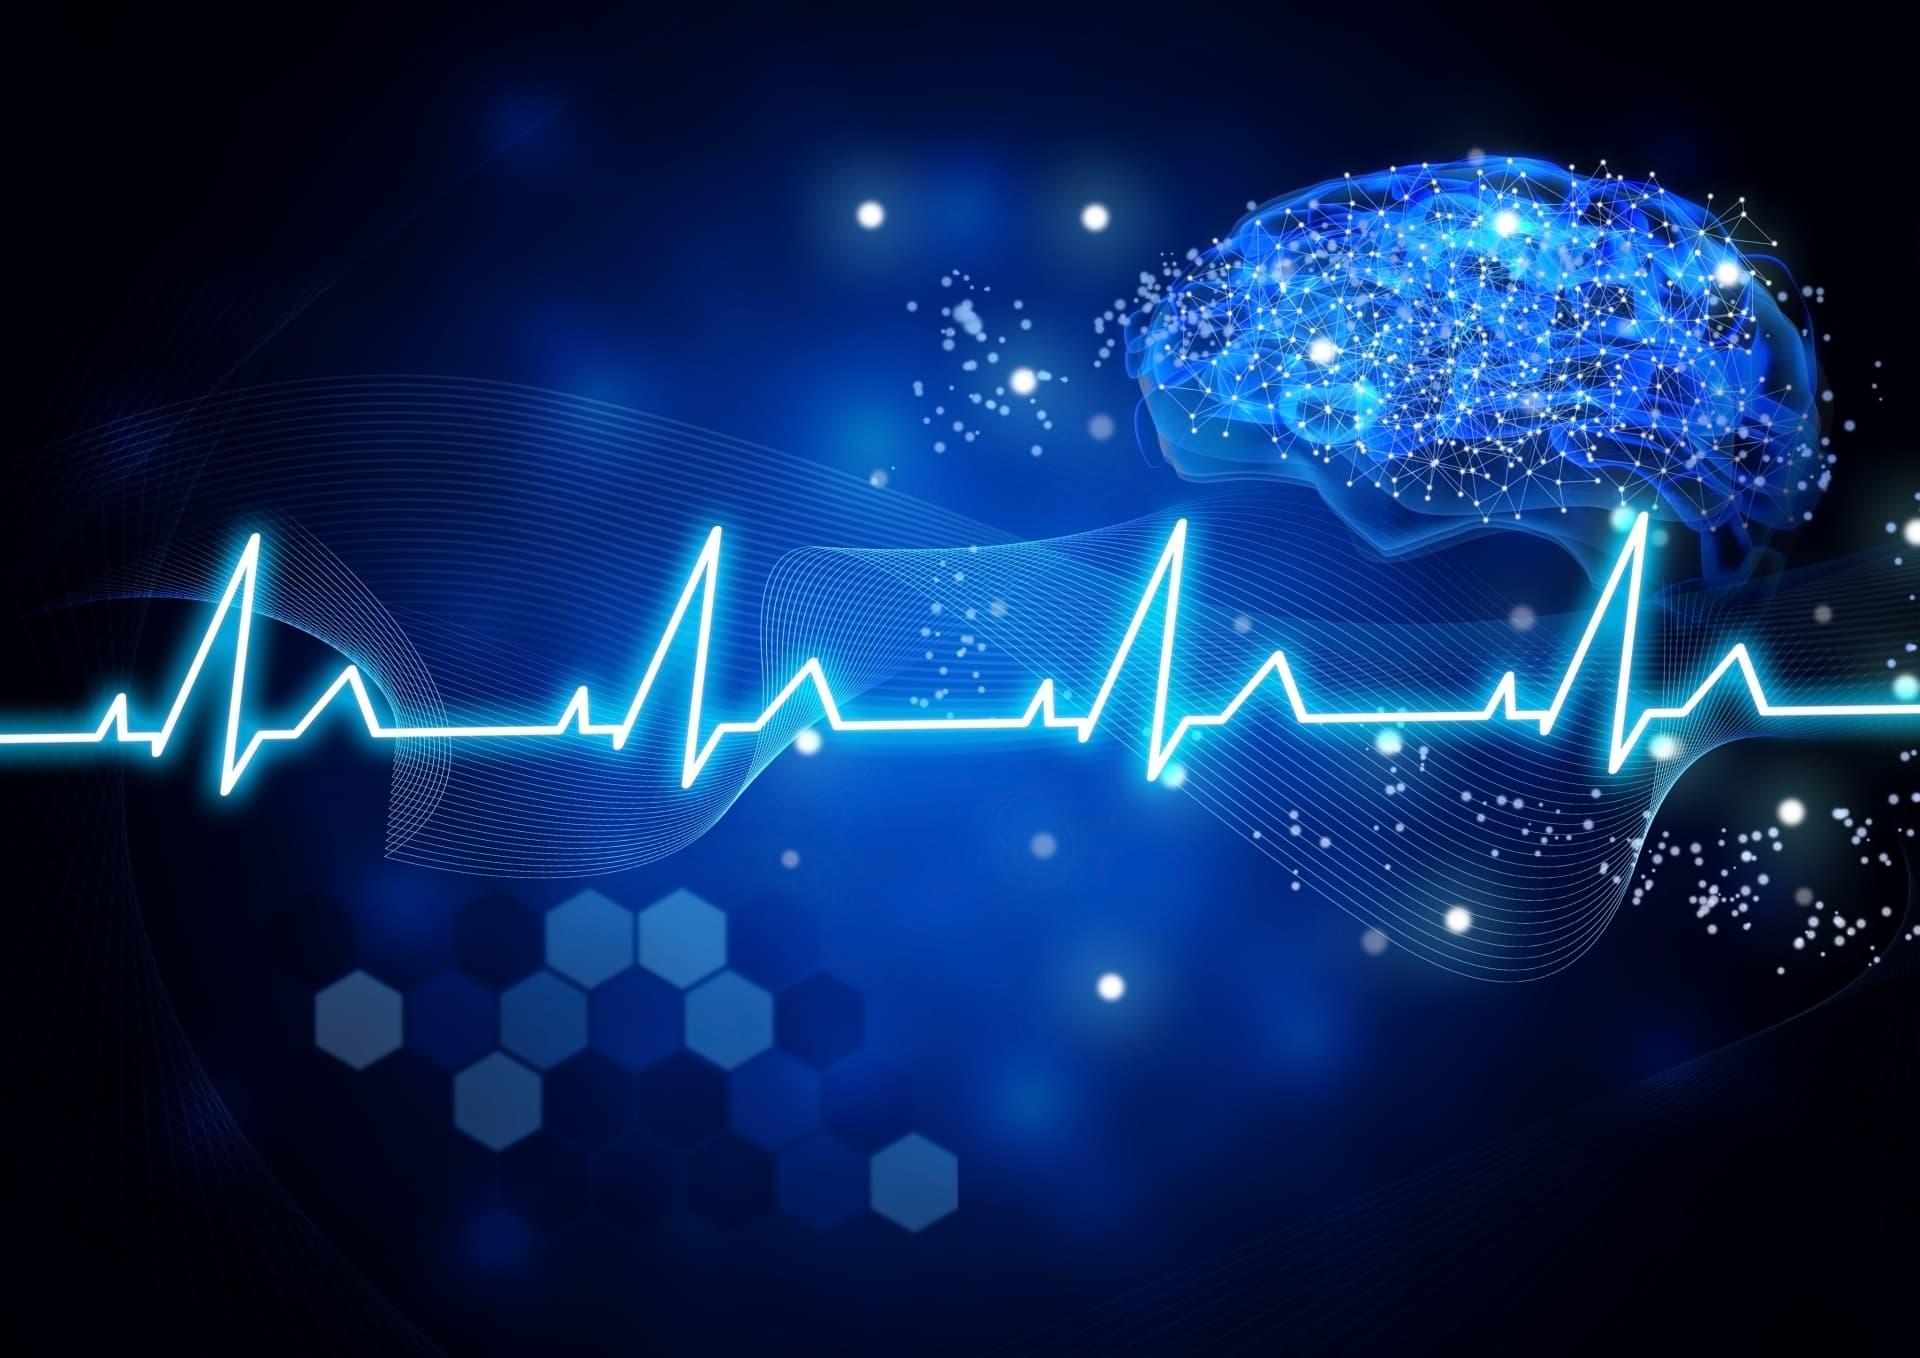 脳科学とAIでヒット曲を予測(イメージ図)